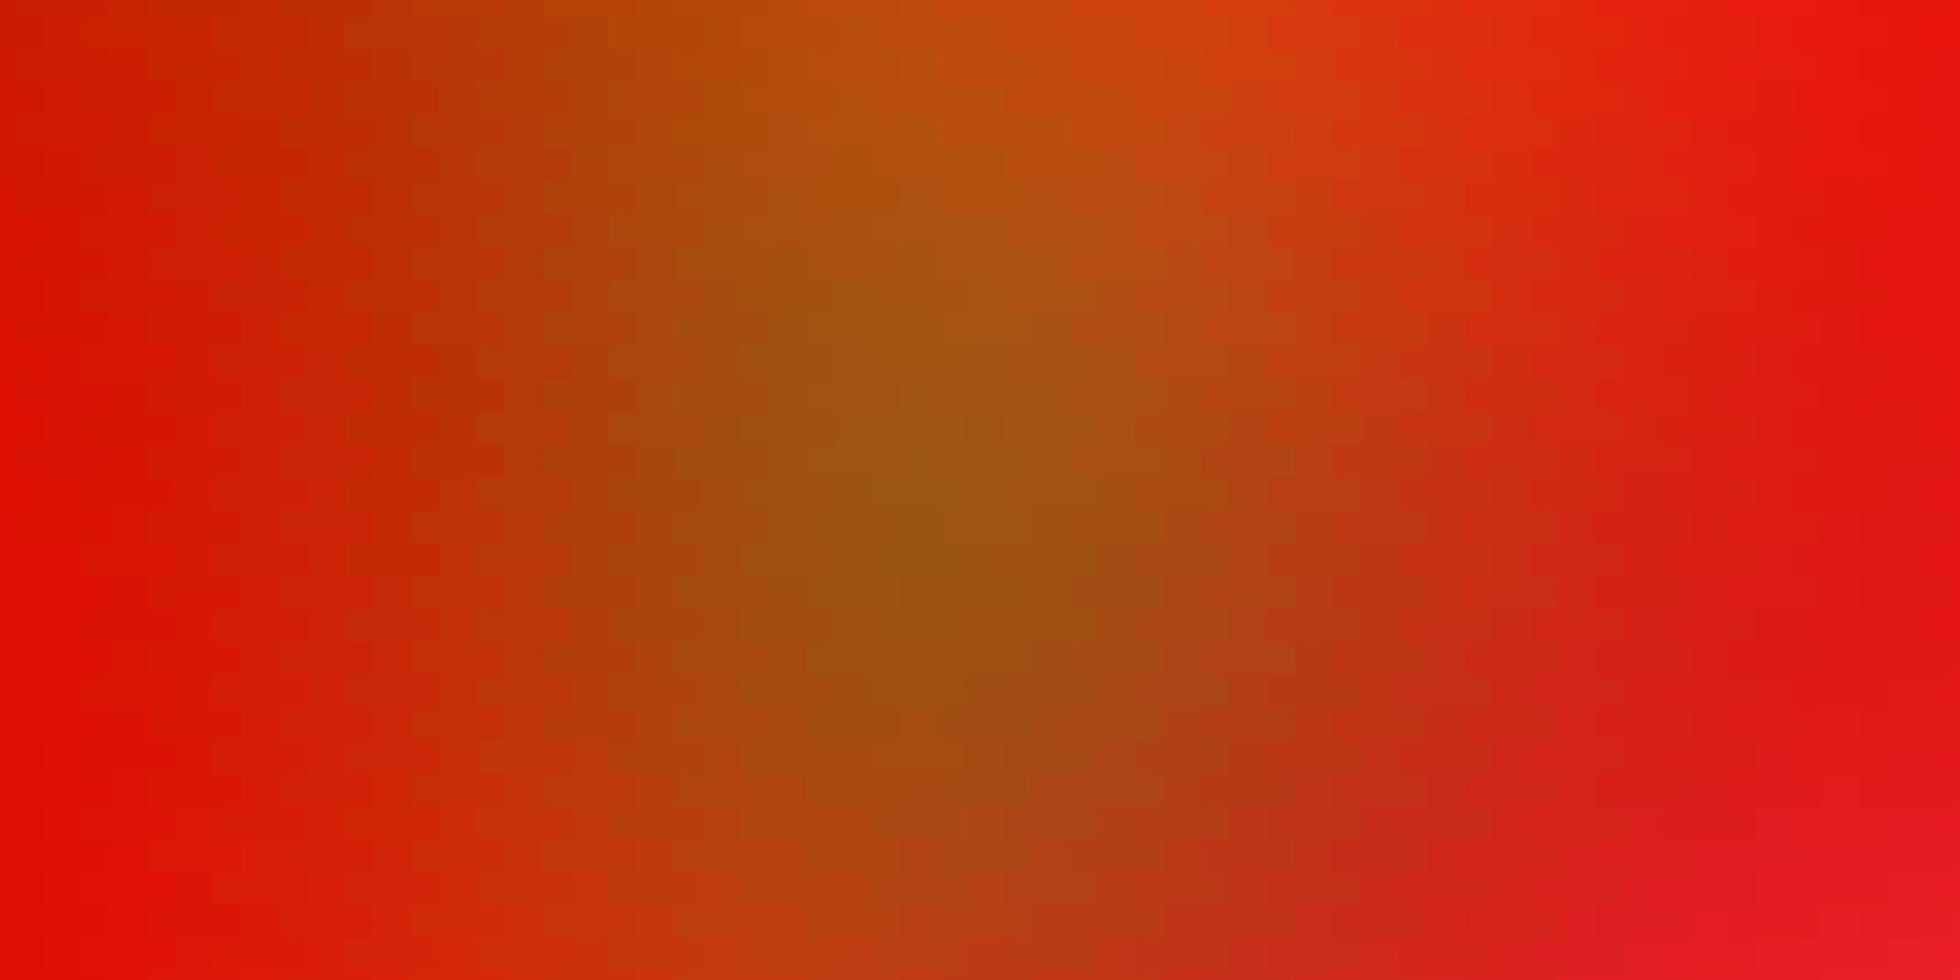 hellrote, gelbe Vektorbeschaffenheit im rechteckigen Stil. vektor